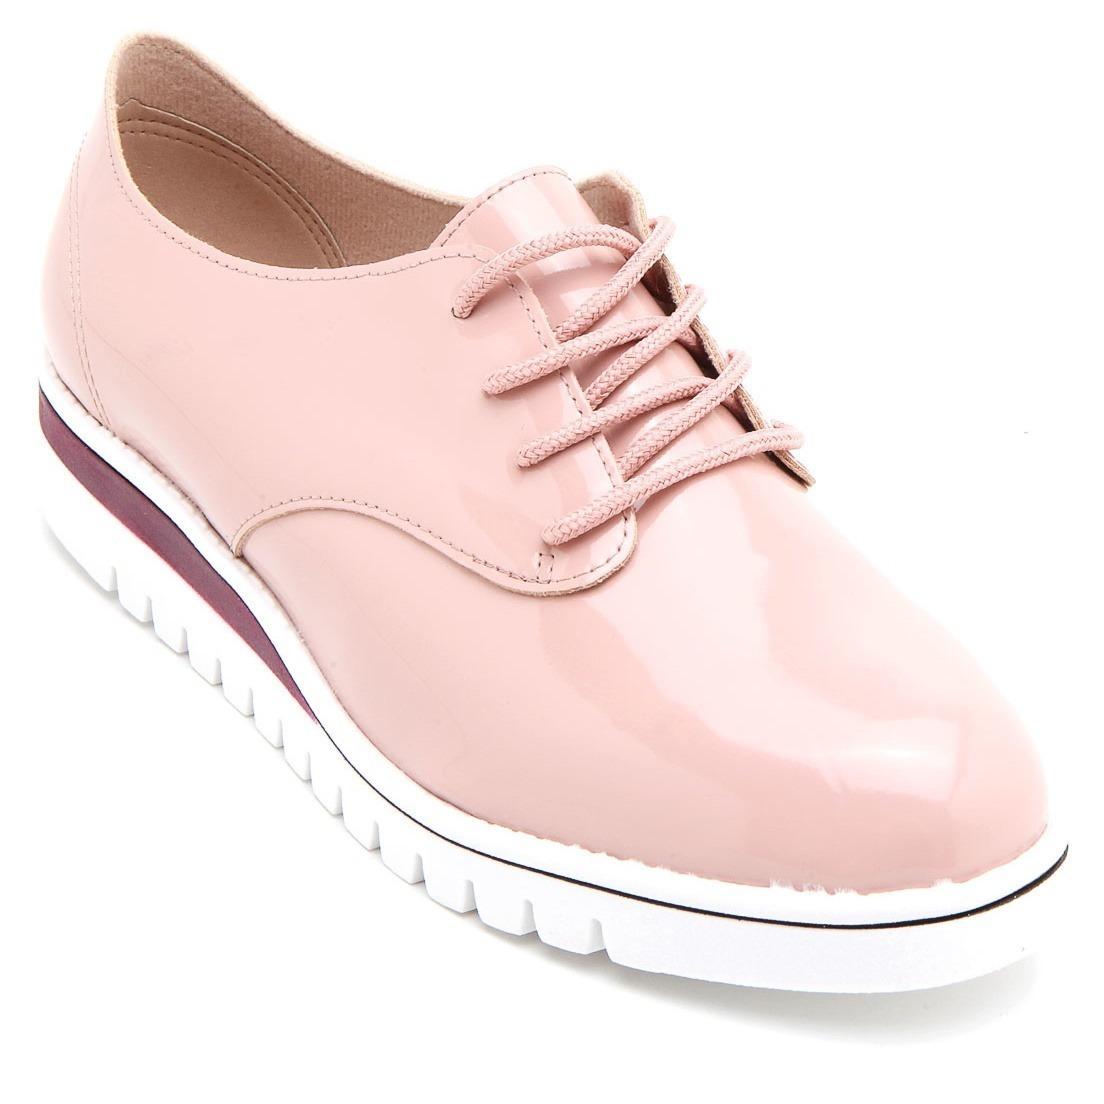 42e8121cbb tênis feminino beira rio rosa verniz 4174719 frete grátis. Carregando zoom.